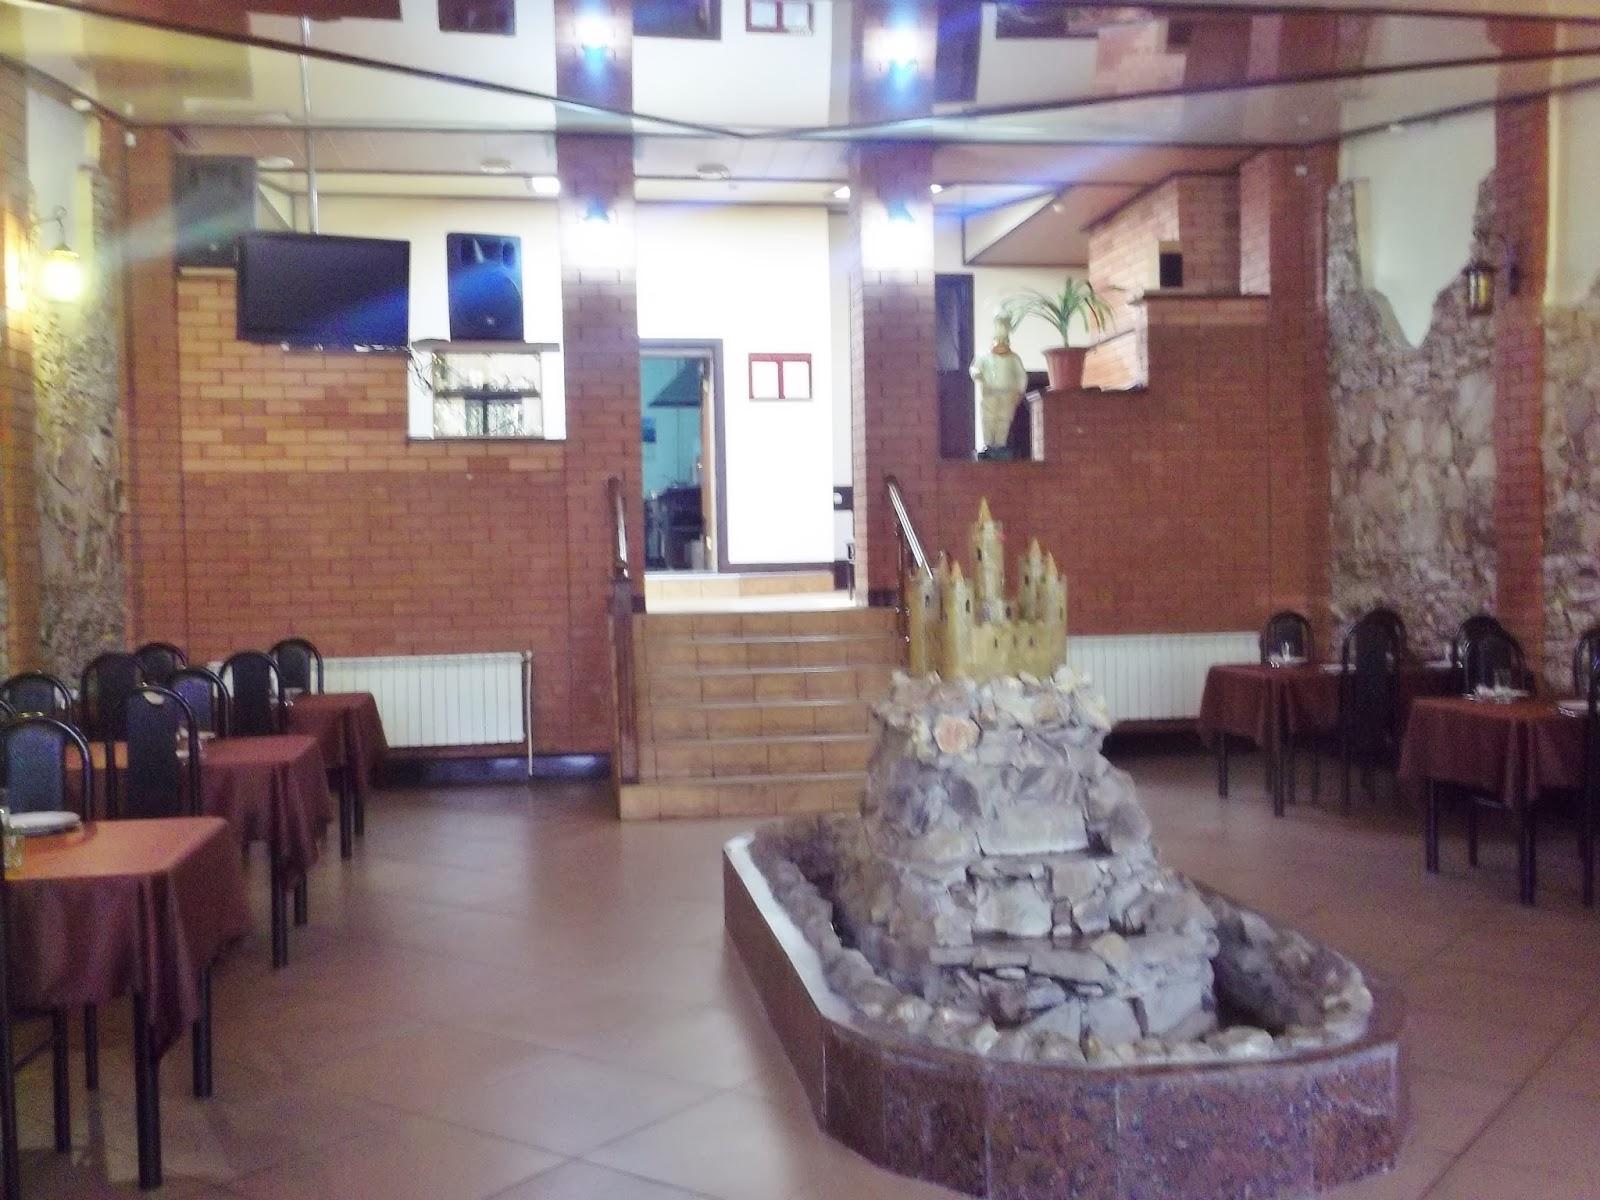 cb1d3f42e Празднуйте вместе с Камелотом! Каждый день в кафе Камелот вы можете вкусно  и недорого пообедать.